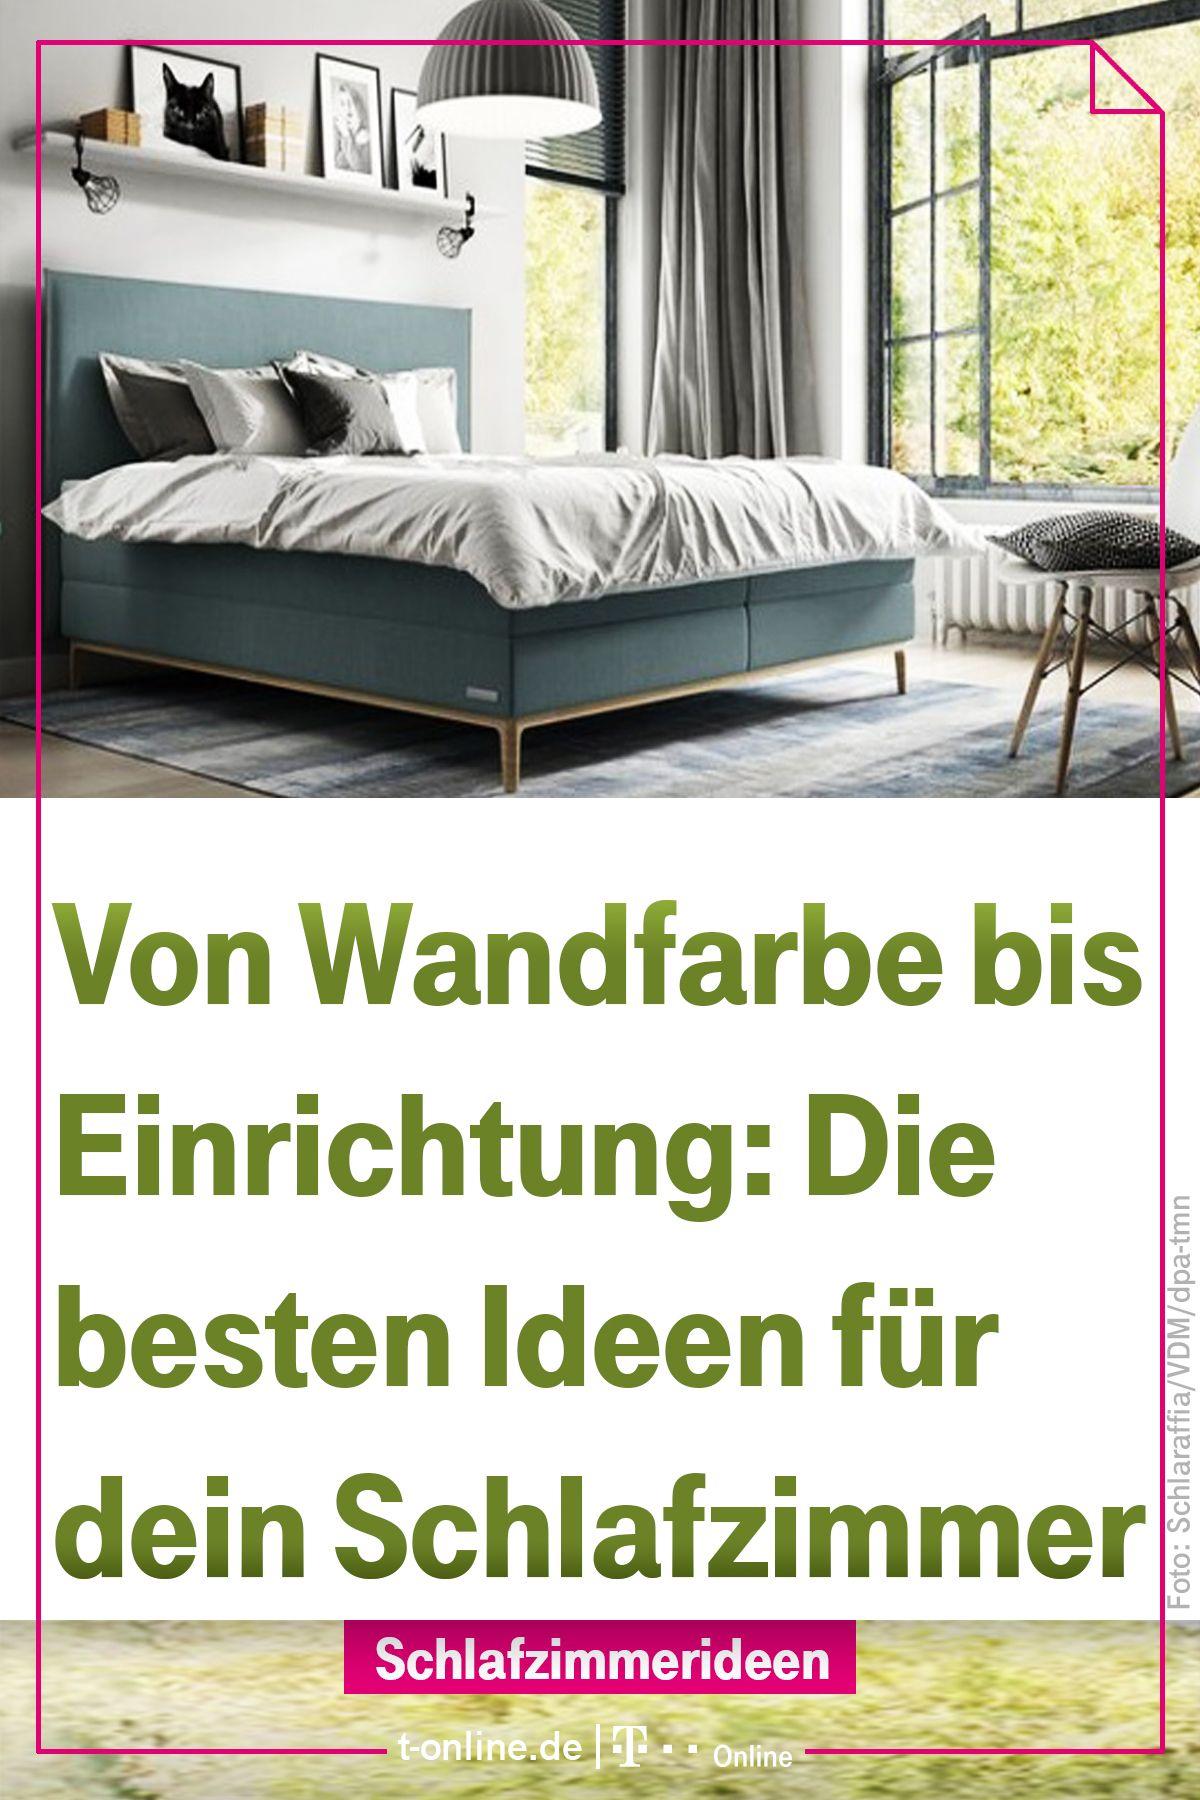 Für süße Träume: Wie sollte ich mein Schlafzimmer einrichten ...